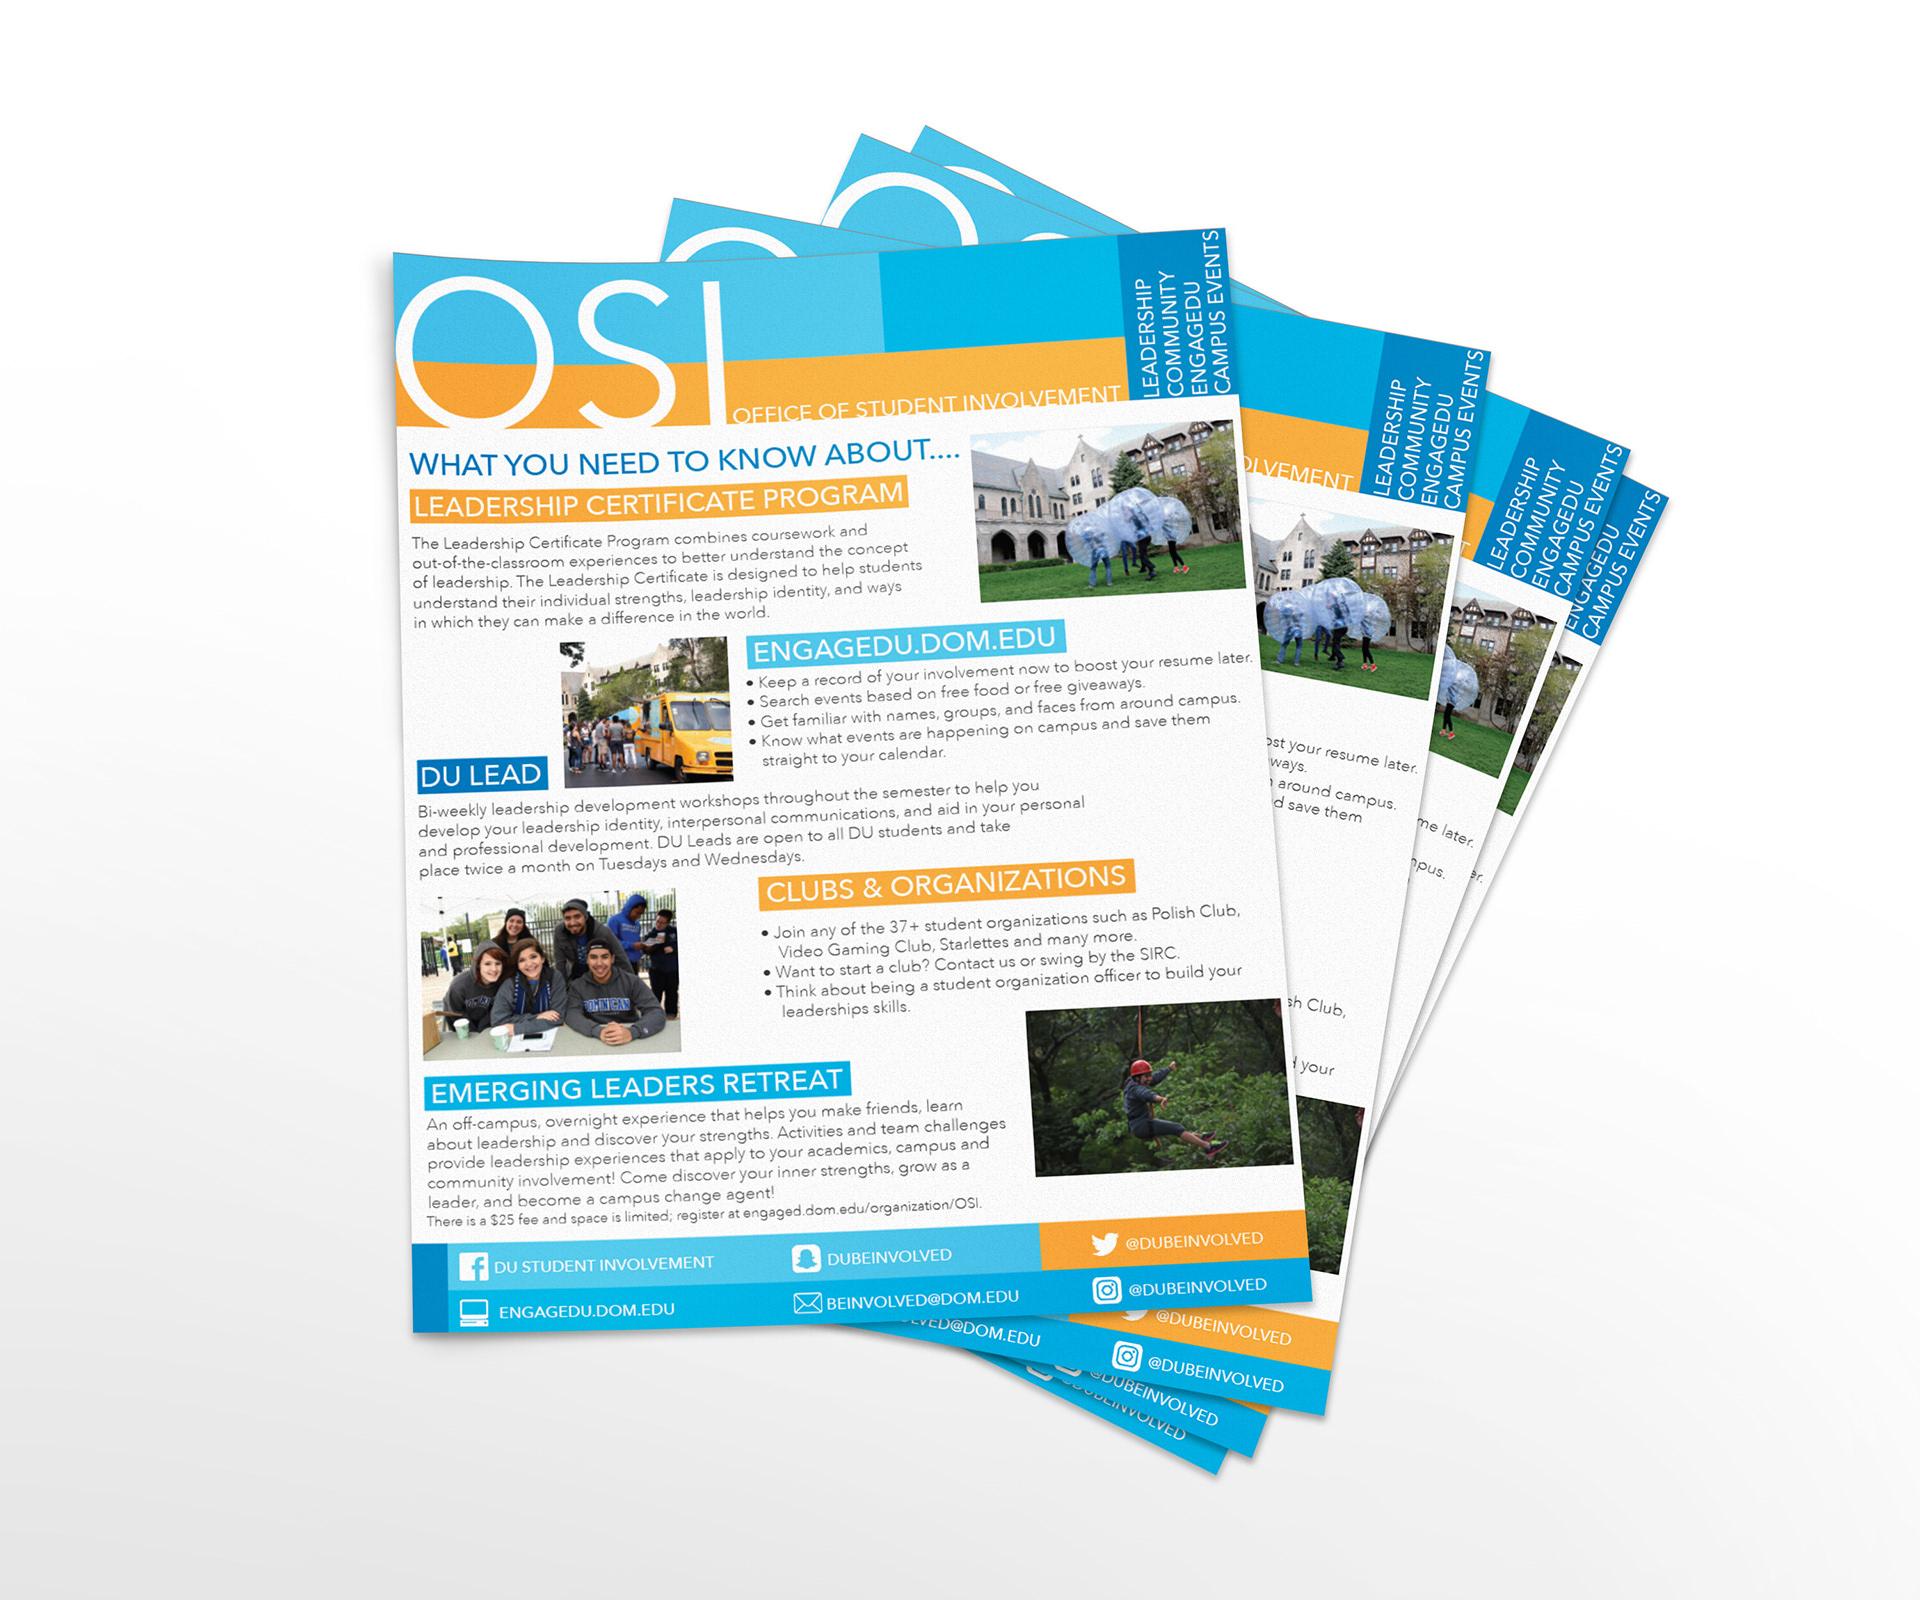 erik grosskopf work for office of student involvement